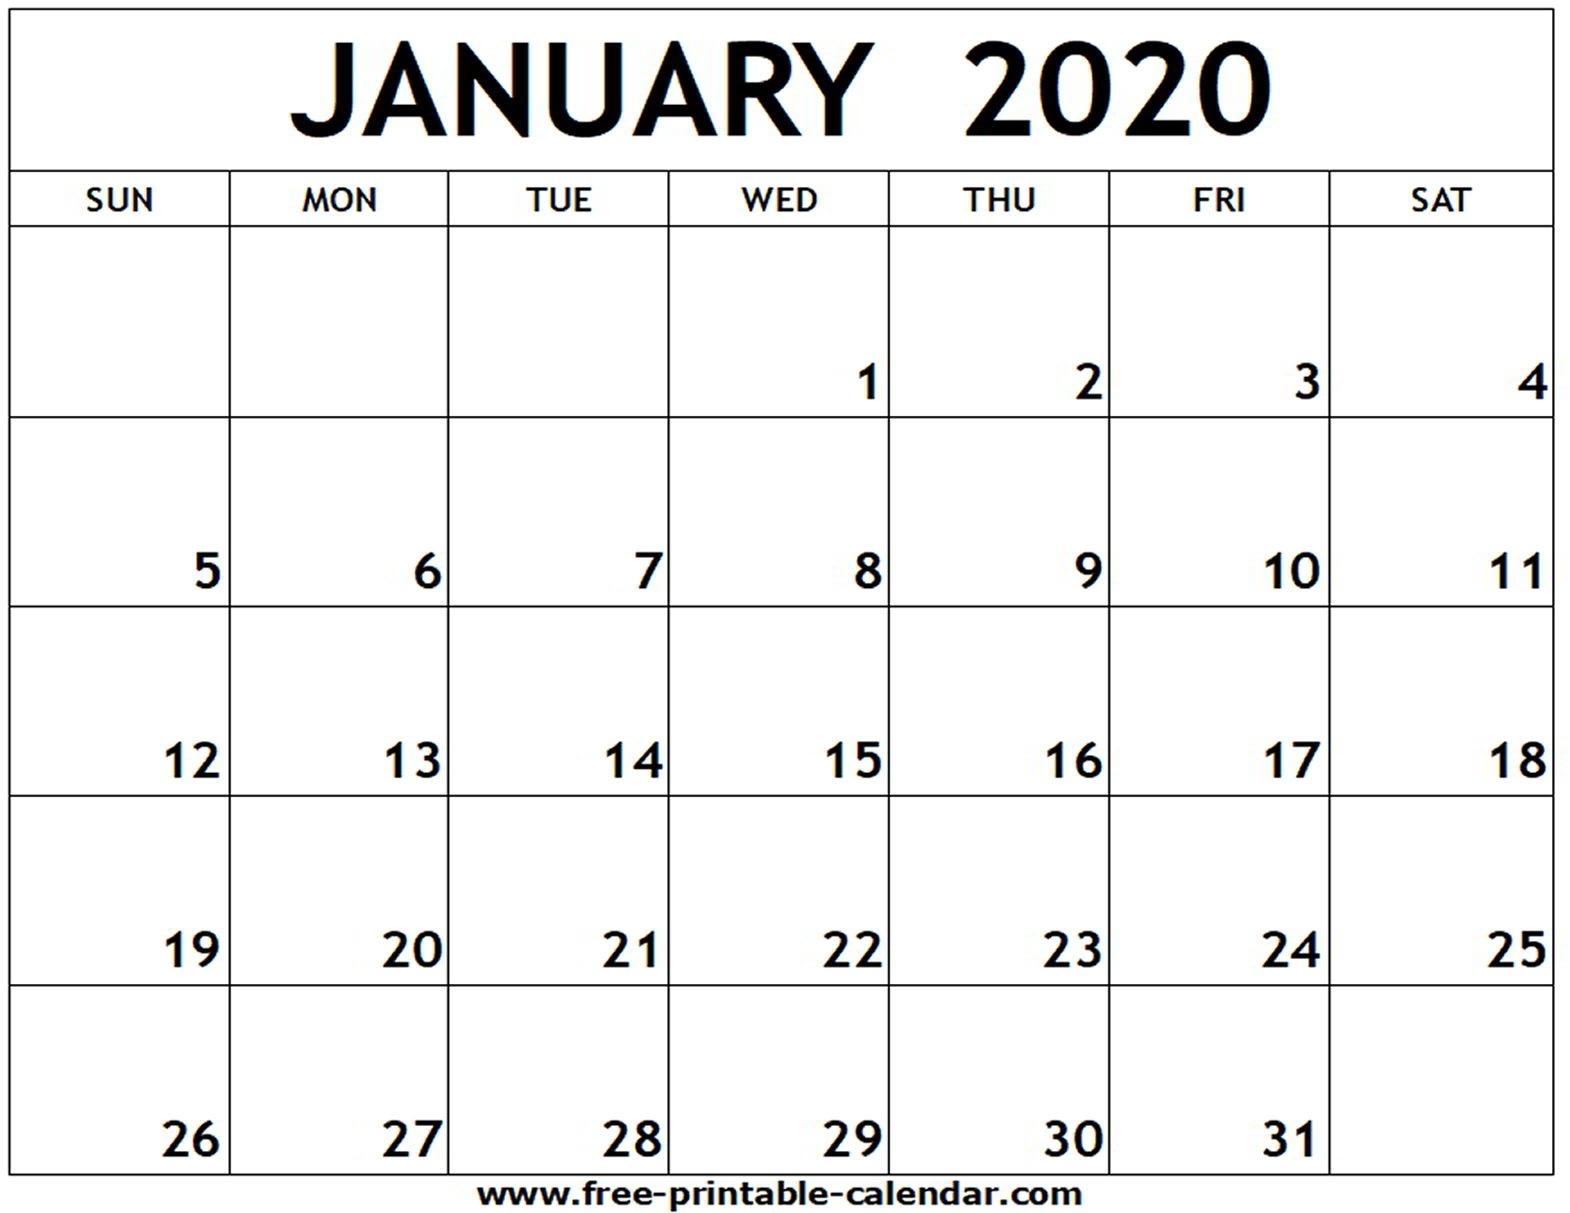 January 2020 Printable Calendar - Free-Printable-Calendar-January 2020 Calendar Print